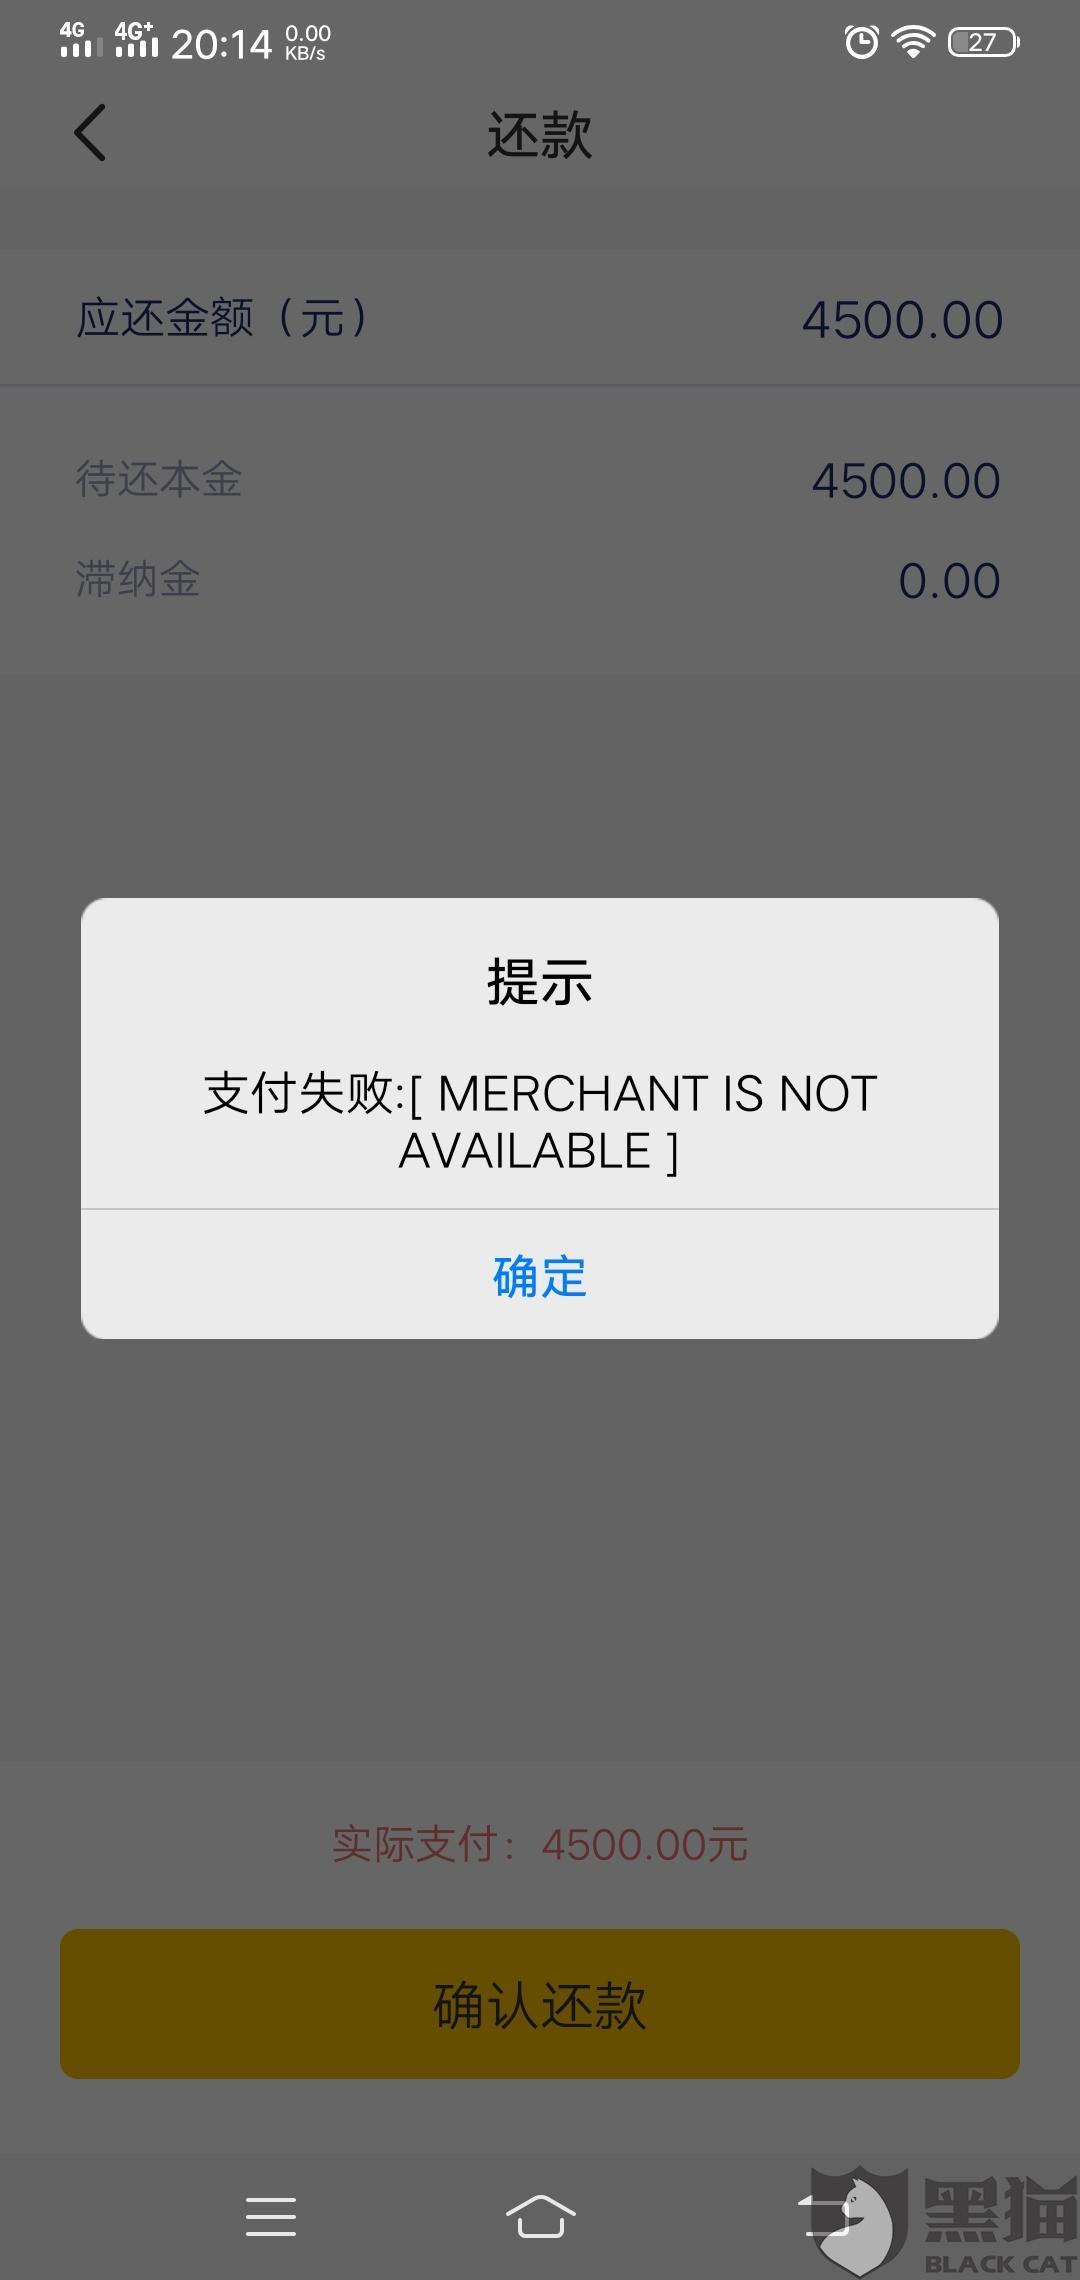 黑猫投诉:金旋风app网贷,没有客服回复。上面一切内容是假的,本来不会逾期。但是卡里有钱,